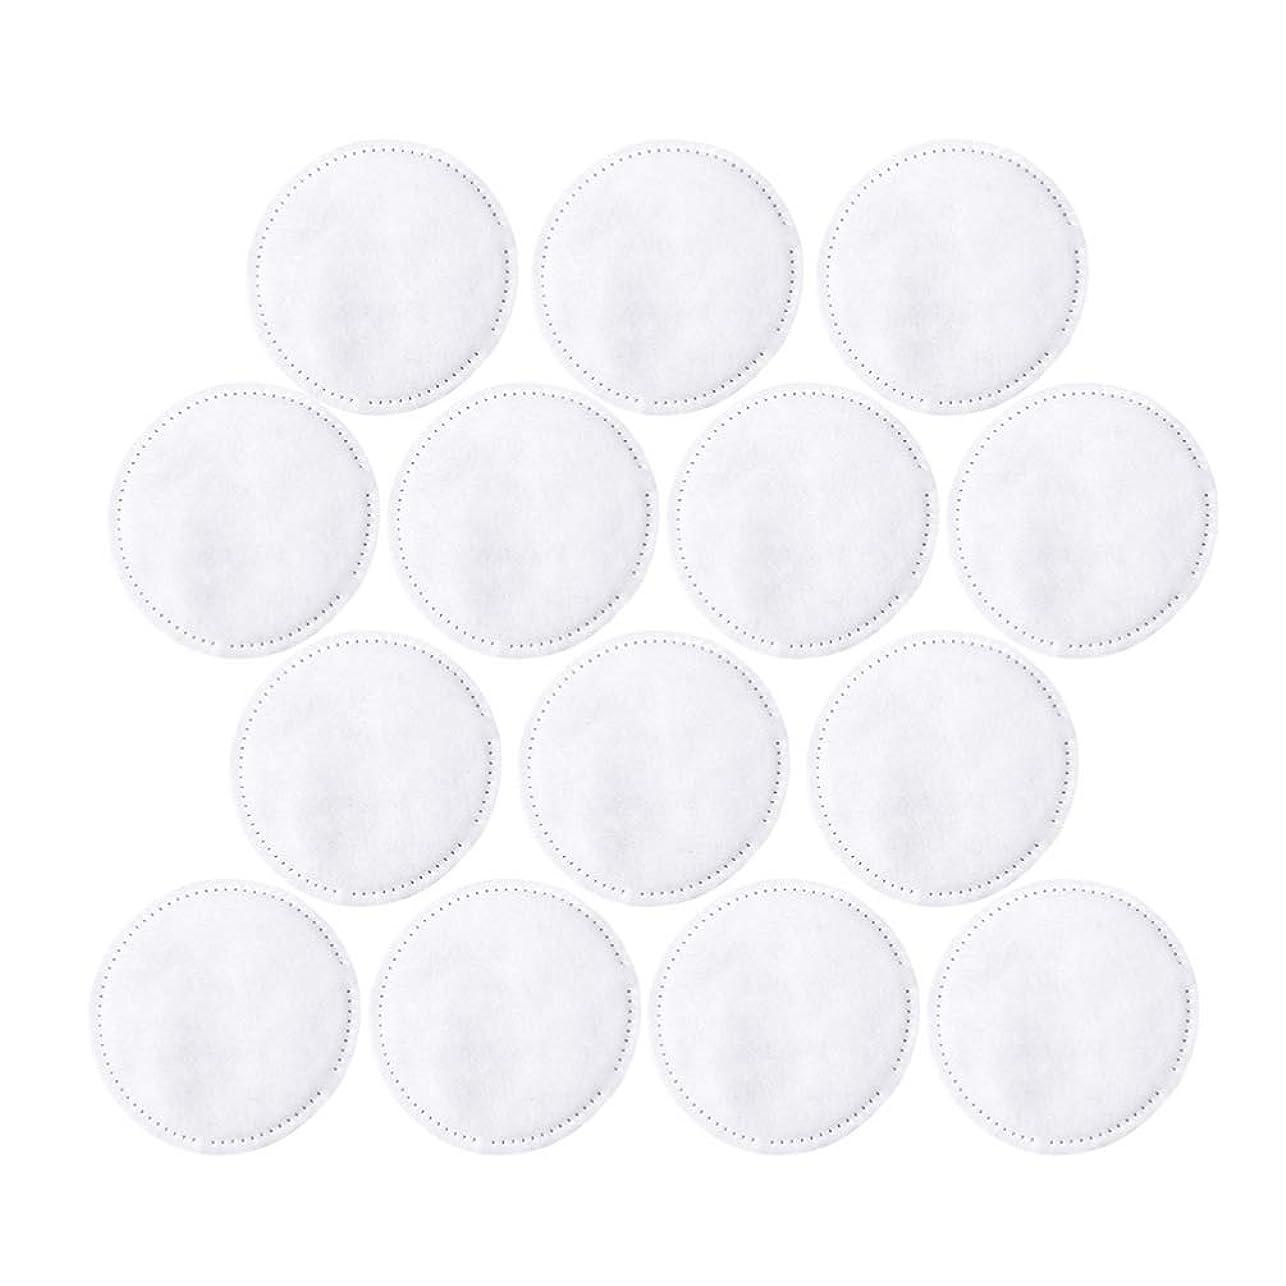 必要性出くわす策定するFrcolor コットンパフ 化粧コットン コットンパッド 3層 ラウンド 丸型 メイク落とし用 フェイスメイク用 フェイシャル 300枚セット(ホワイト)